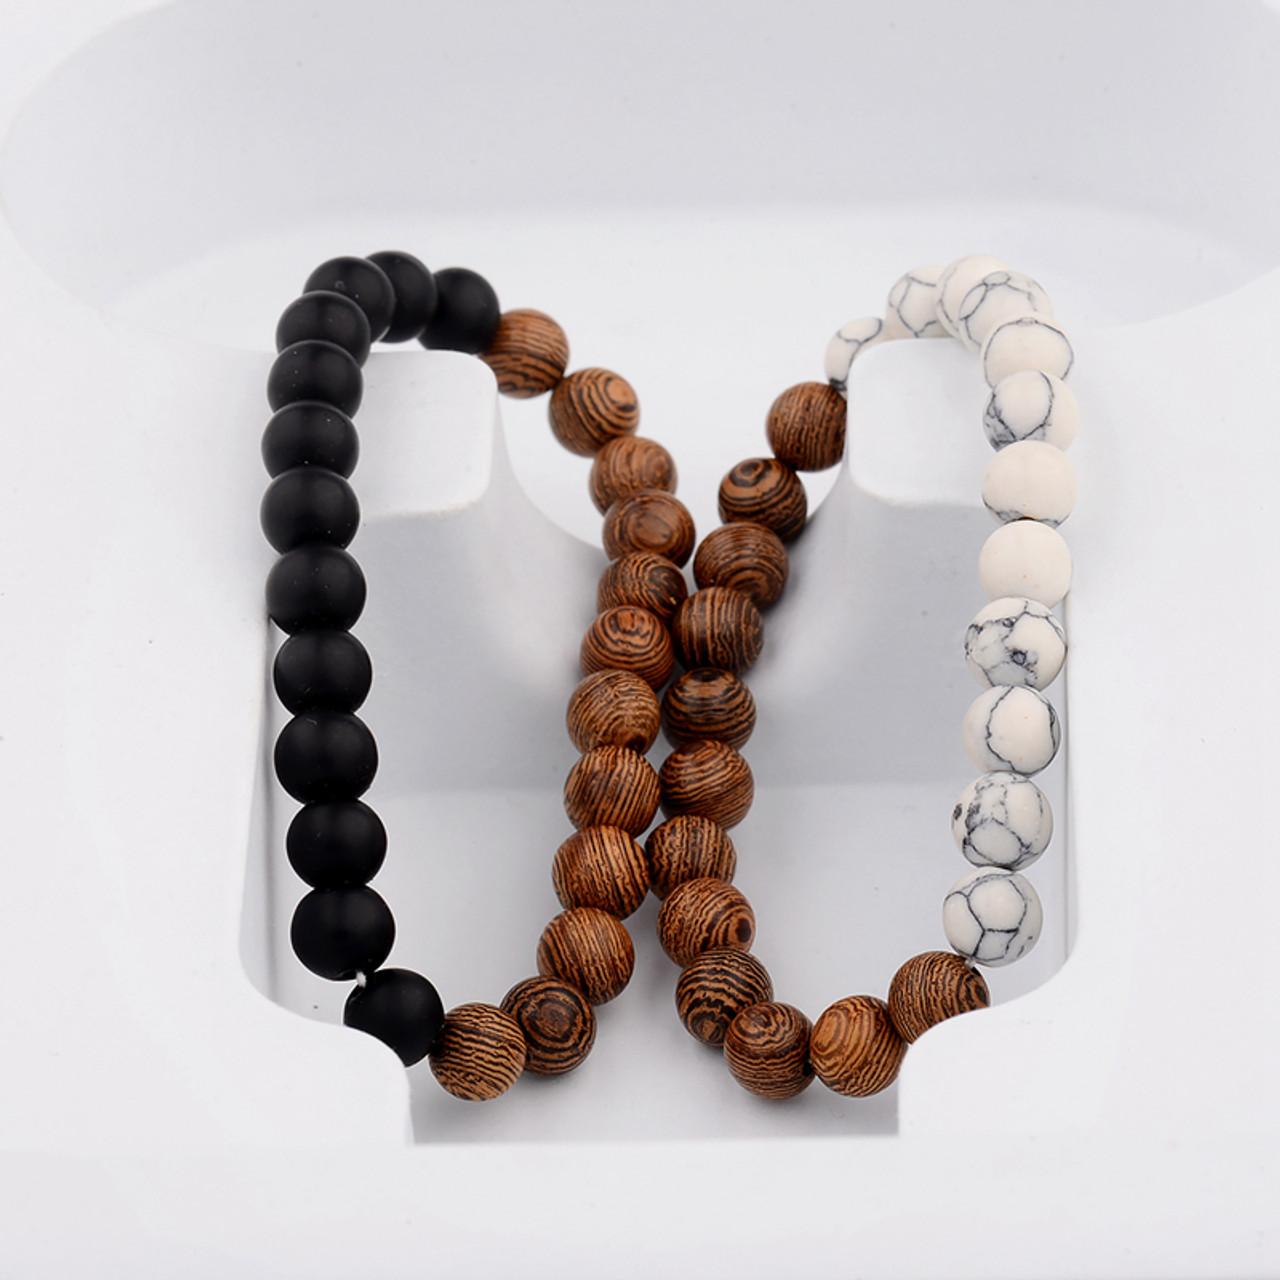 fc3cb6529 Black Matte & White Chakra Handmade Wooden Prayer Beads Bracelet Set ...